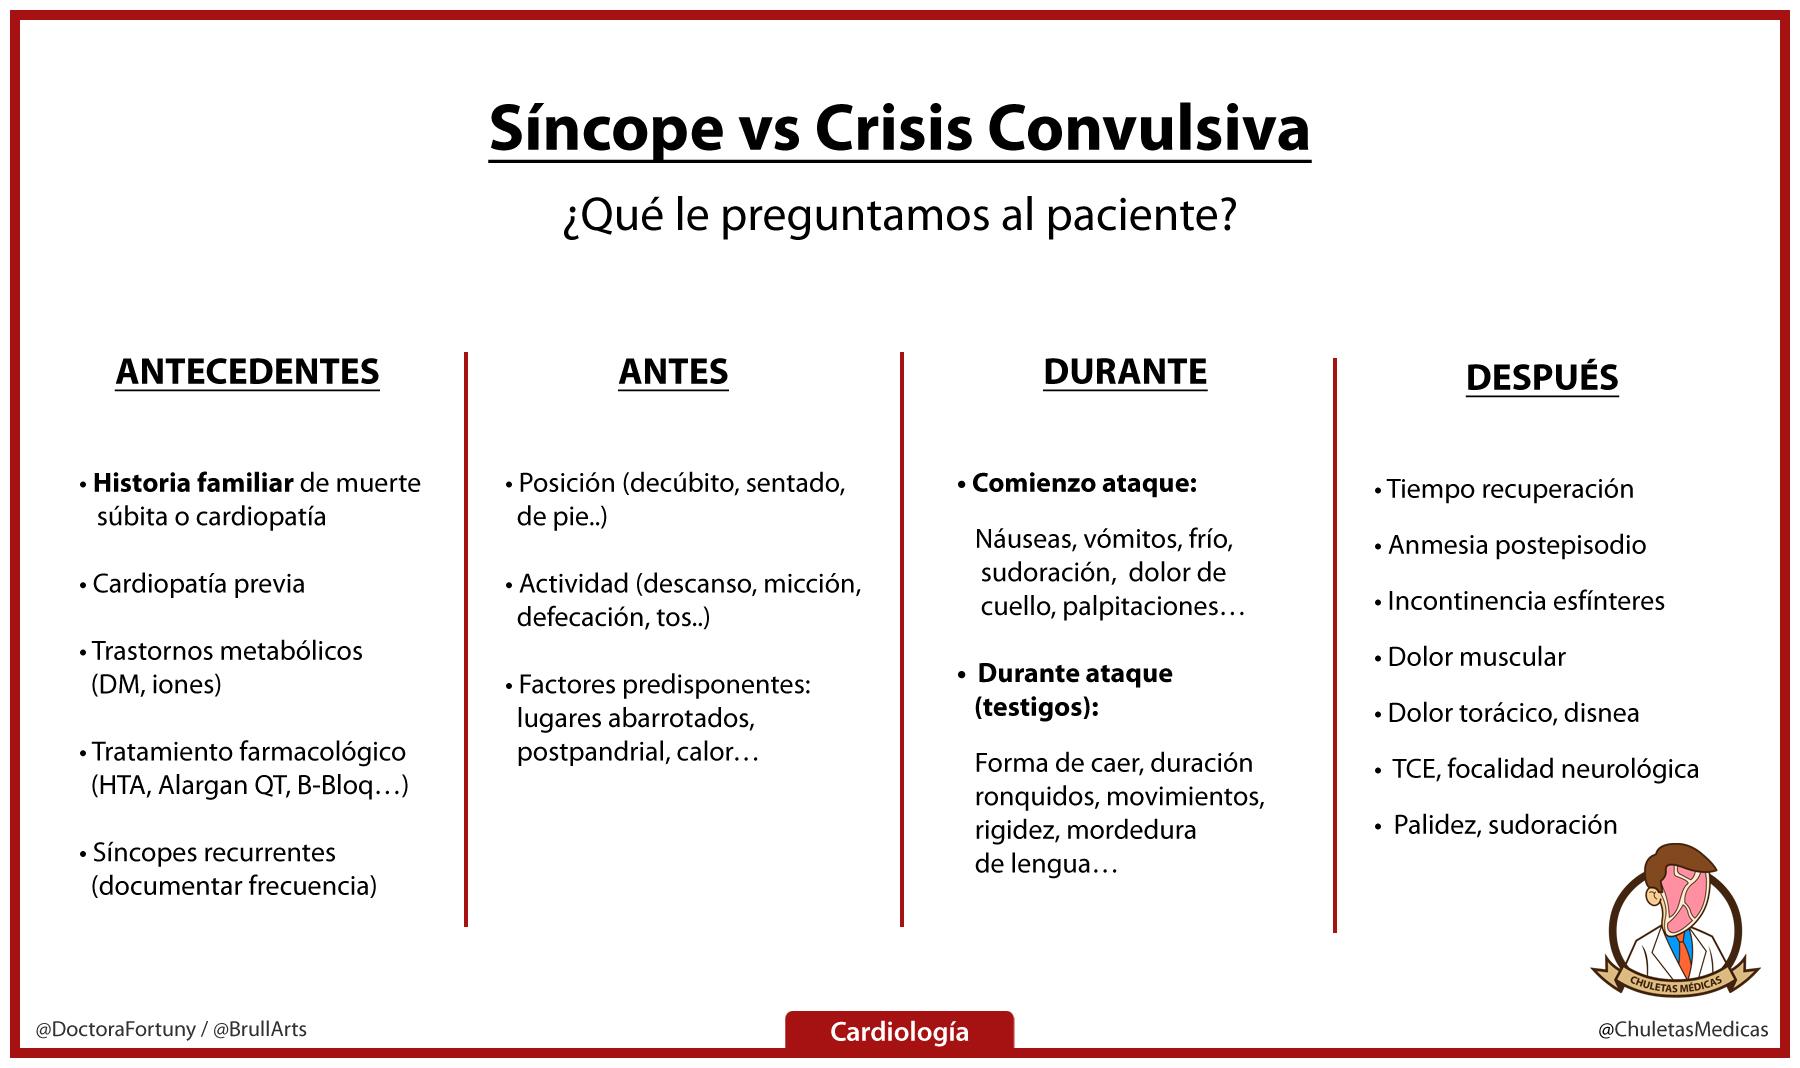 Síncope vs Crisis Convulsiva: ¿Qué le preguntamos al paciente? tabla